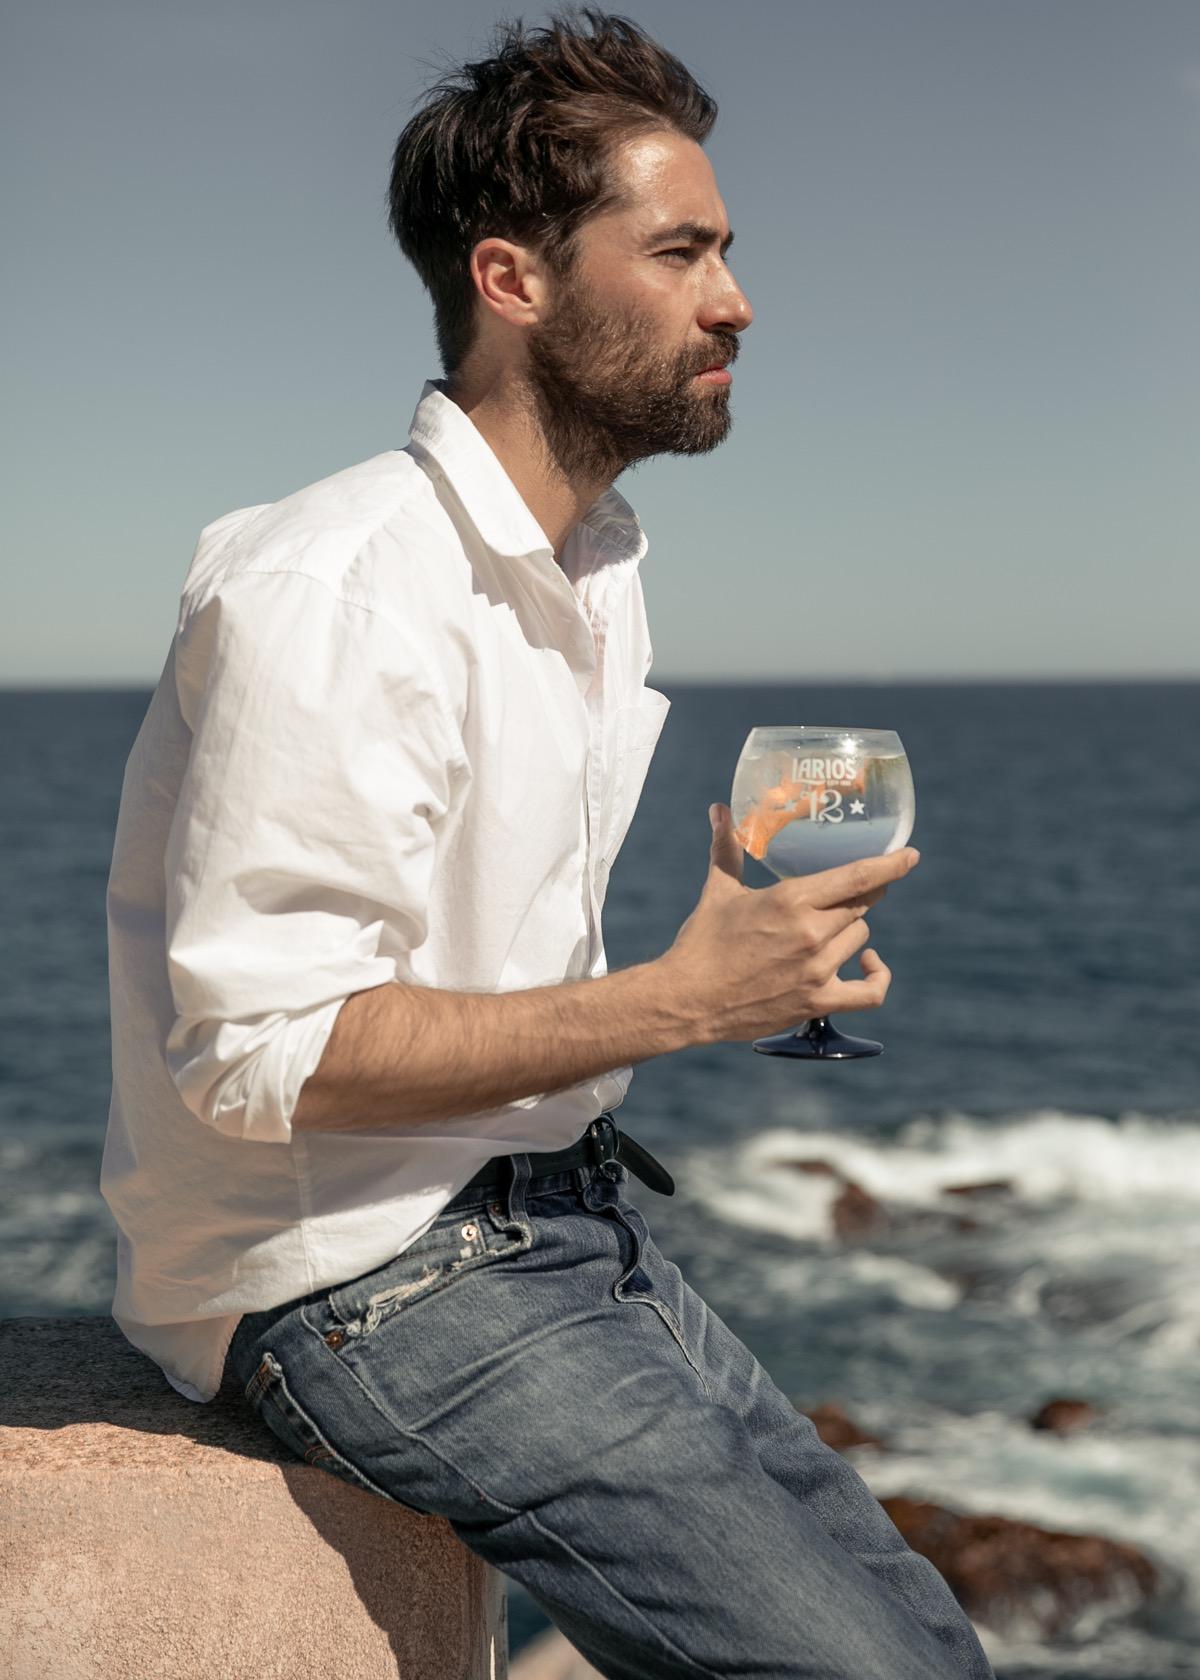 Larios_Otro_Lugar_Juan Vidal, Director de vestuario y diseñador